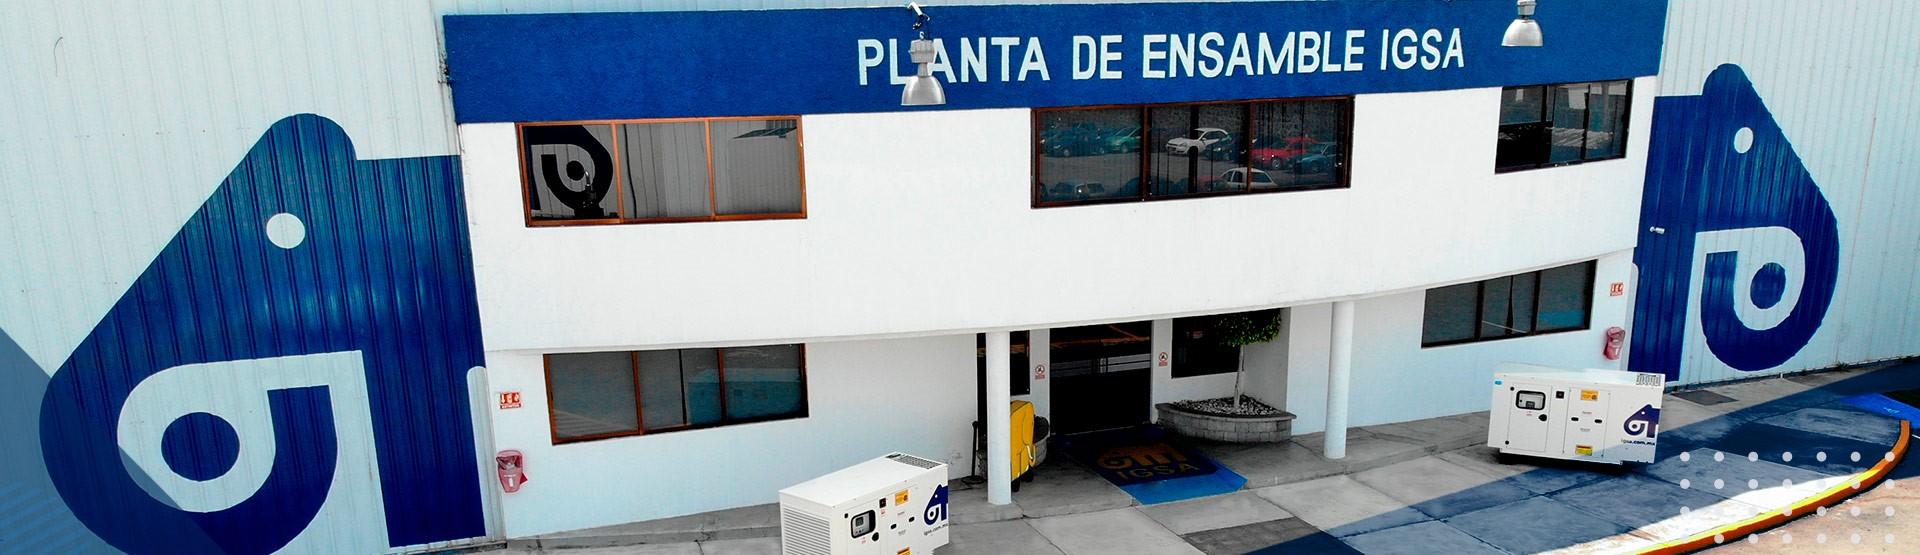 plantas de emergencia IGSA México